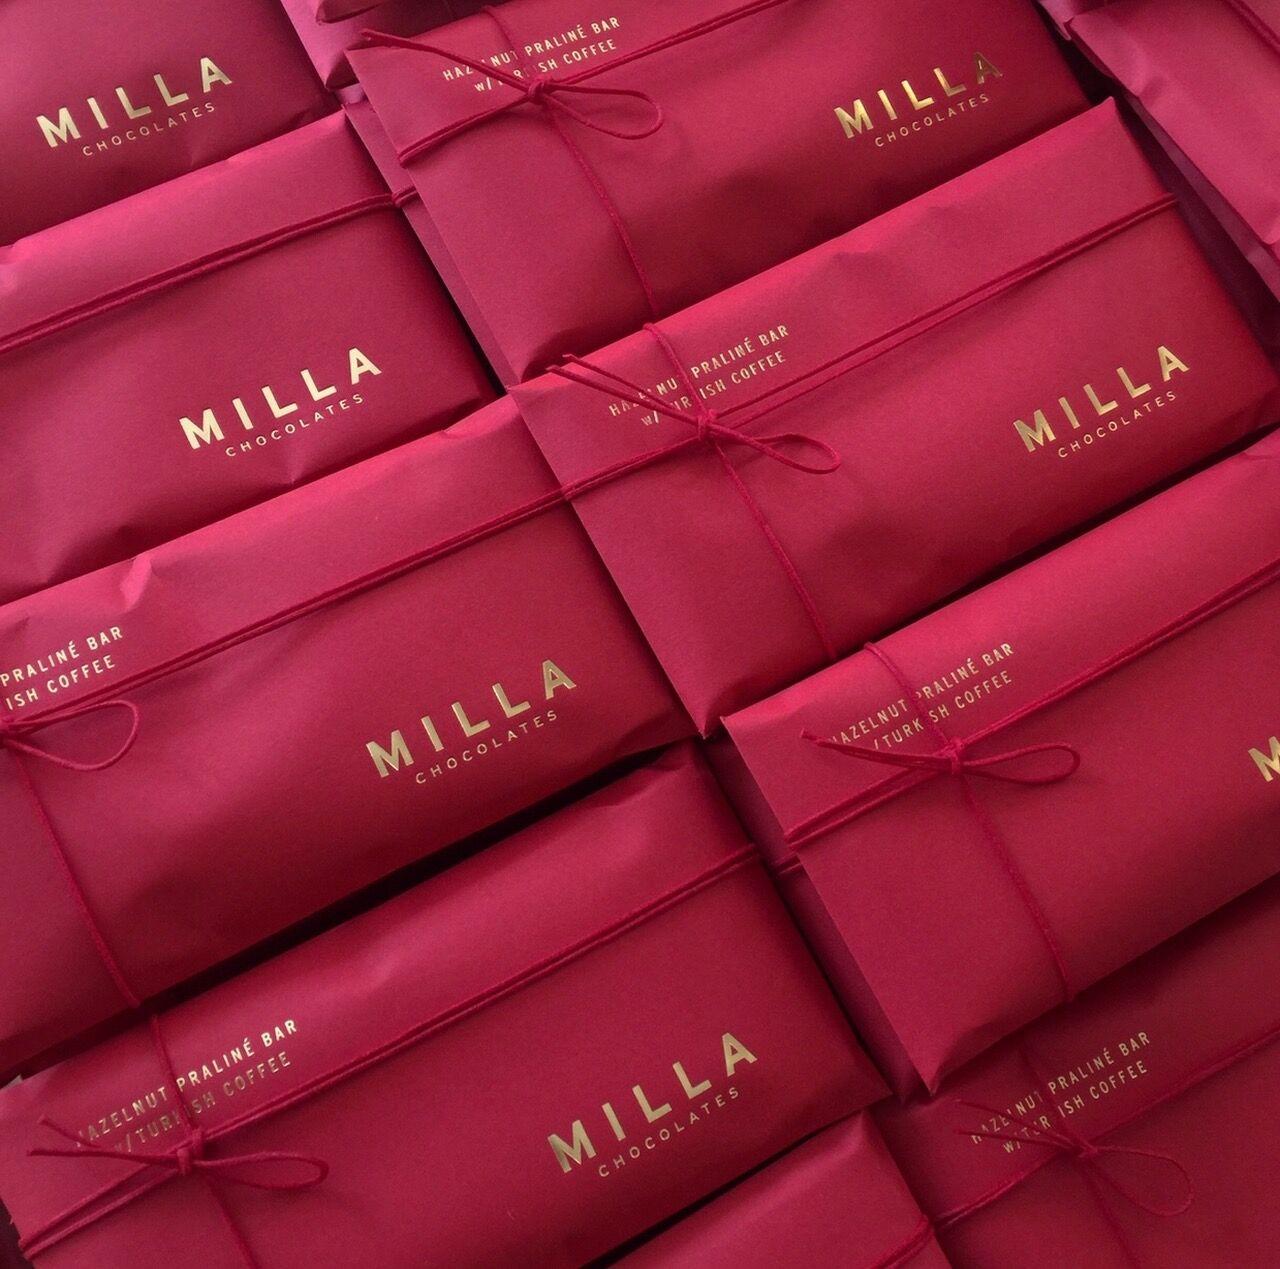 Milla